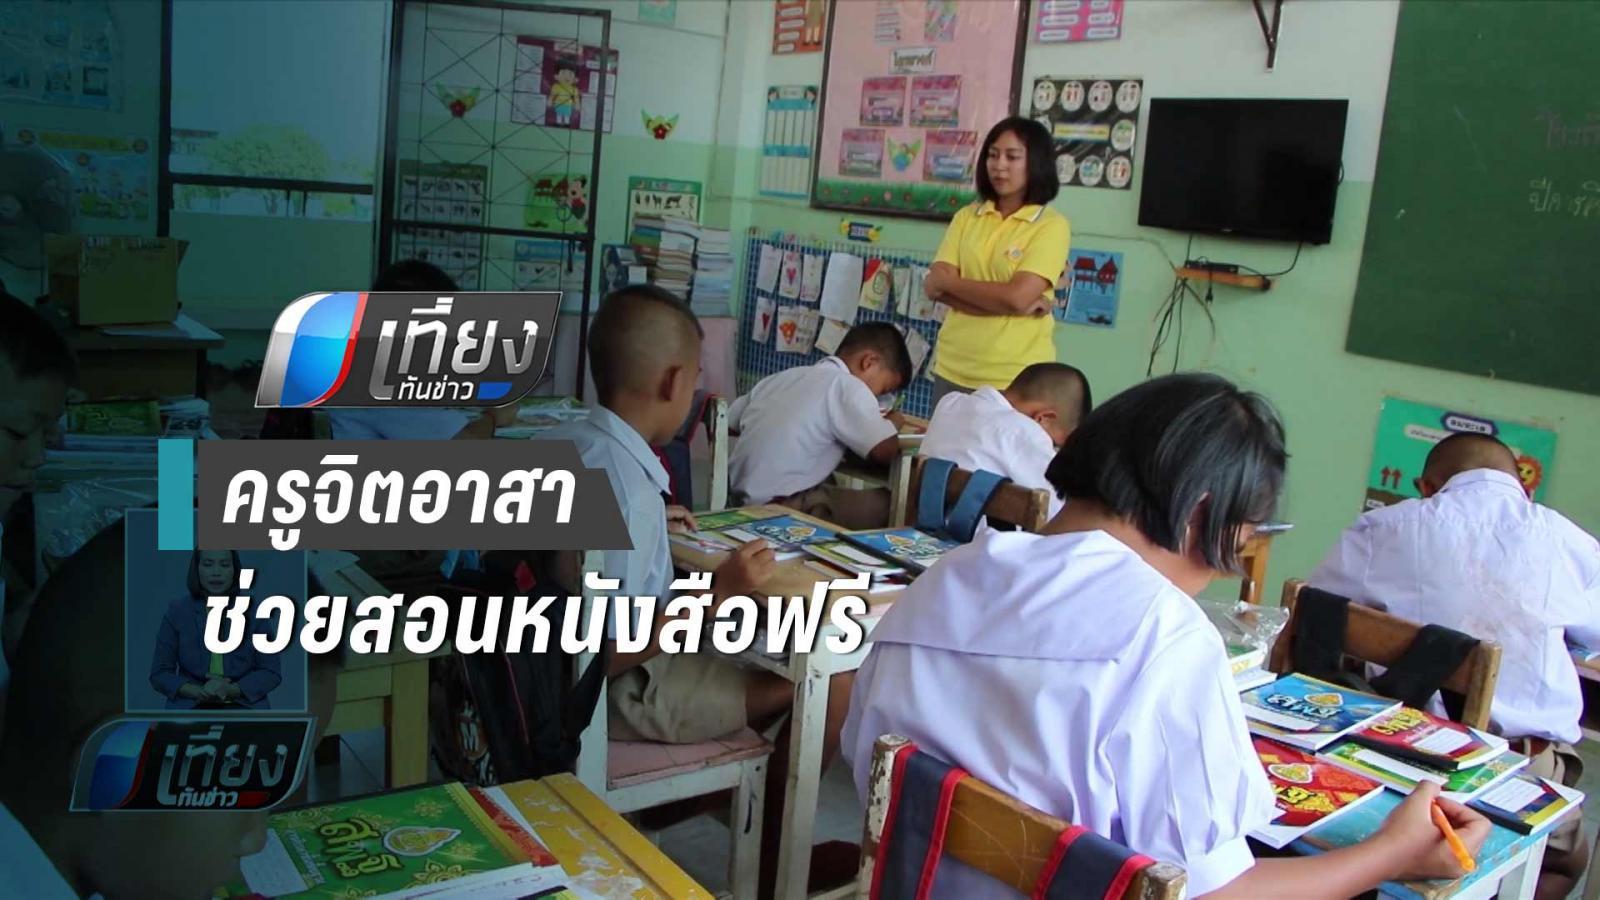 ครูจิตอาสาสอนหนังสือให้กับนักเรียนโดยไม่รับค่าจ้าง